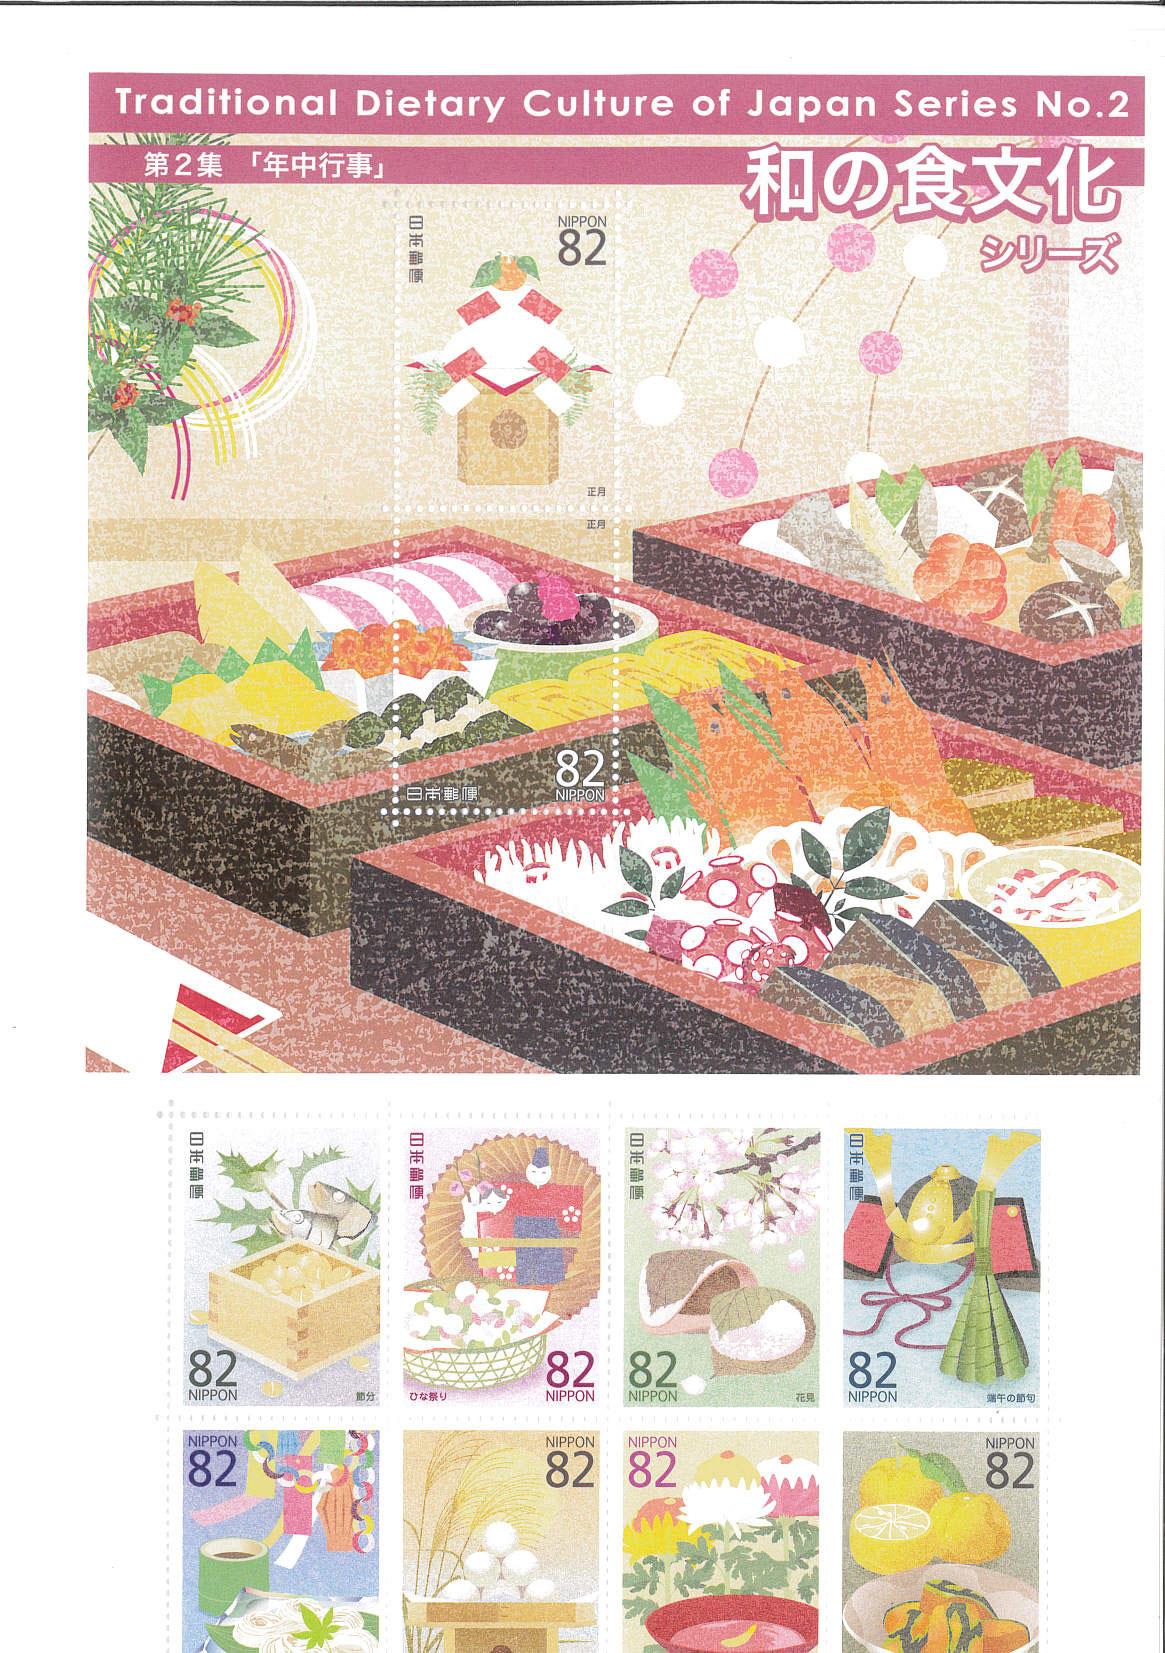 日本の行事の料理